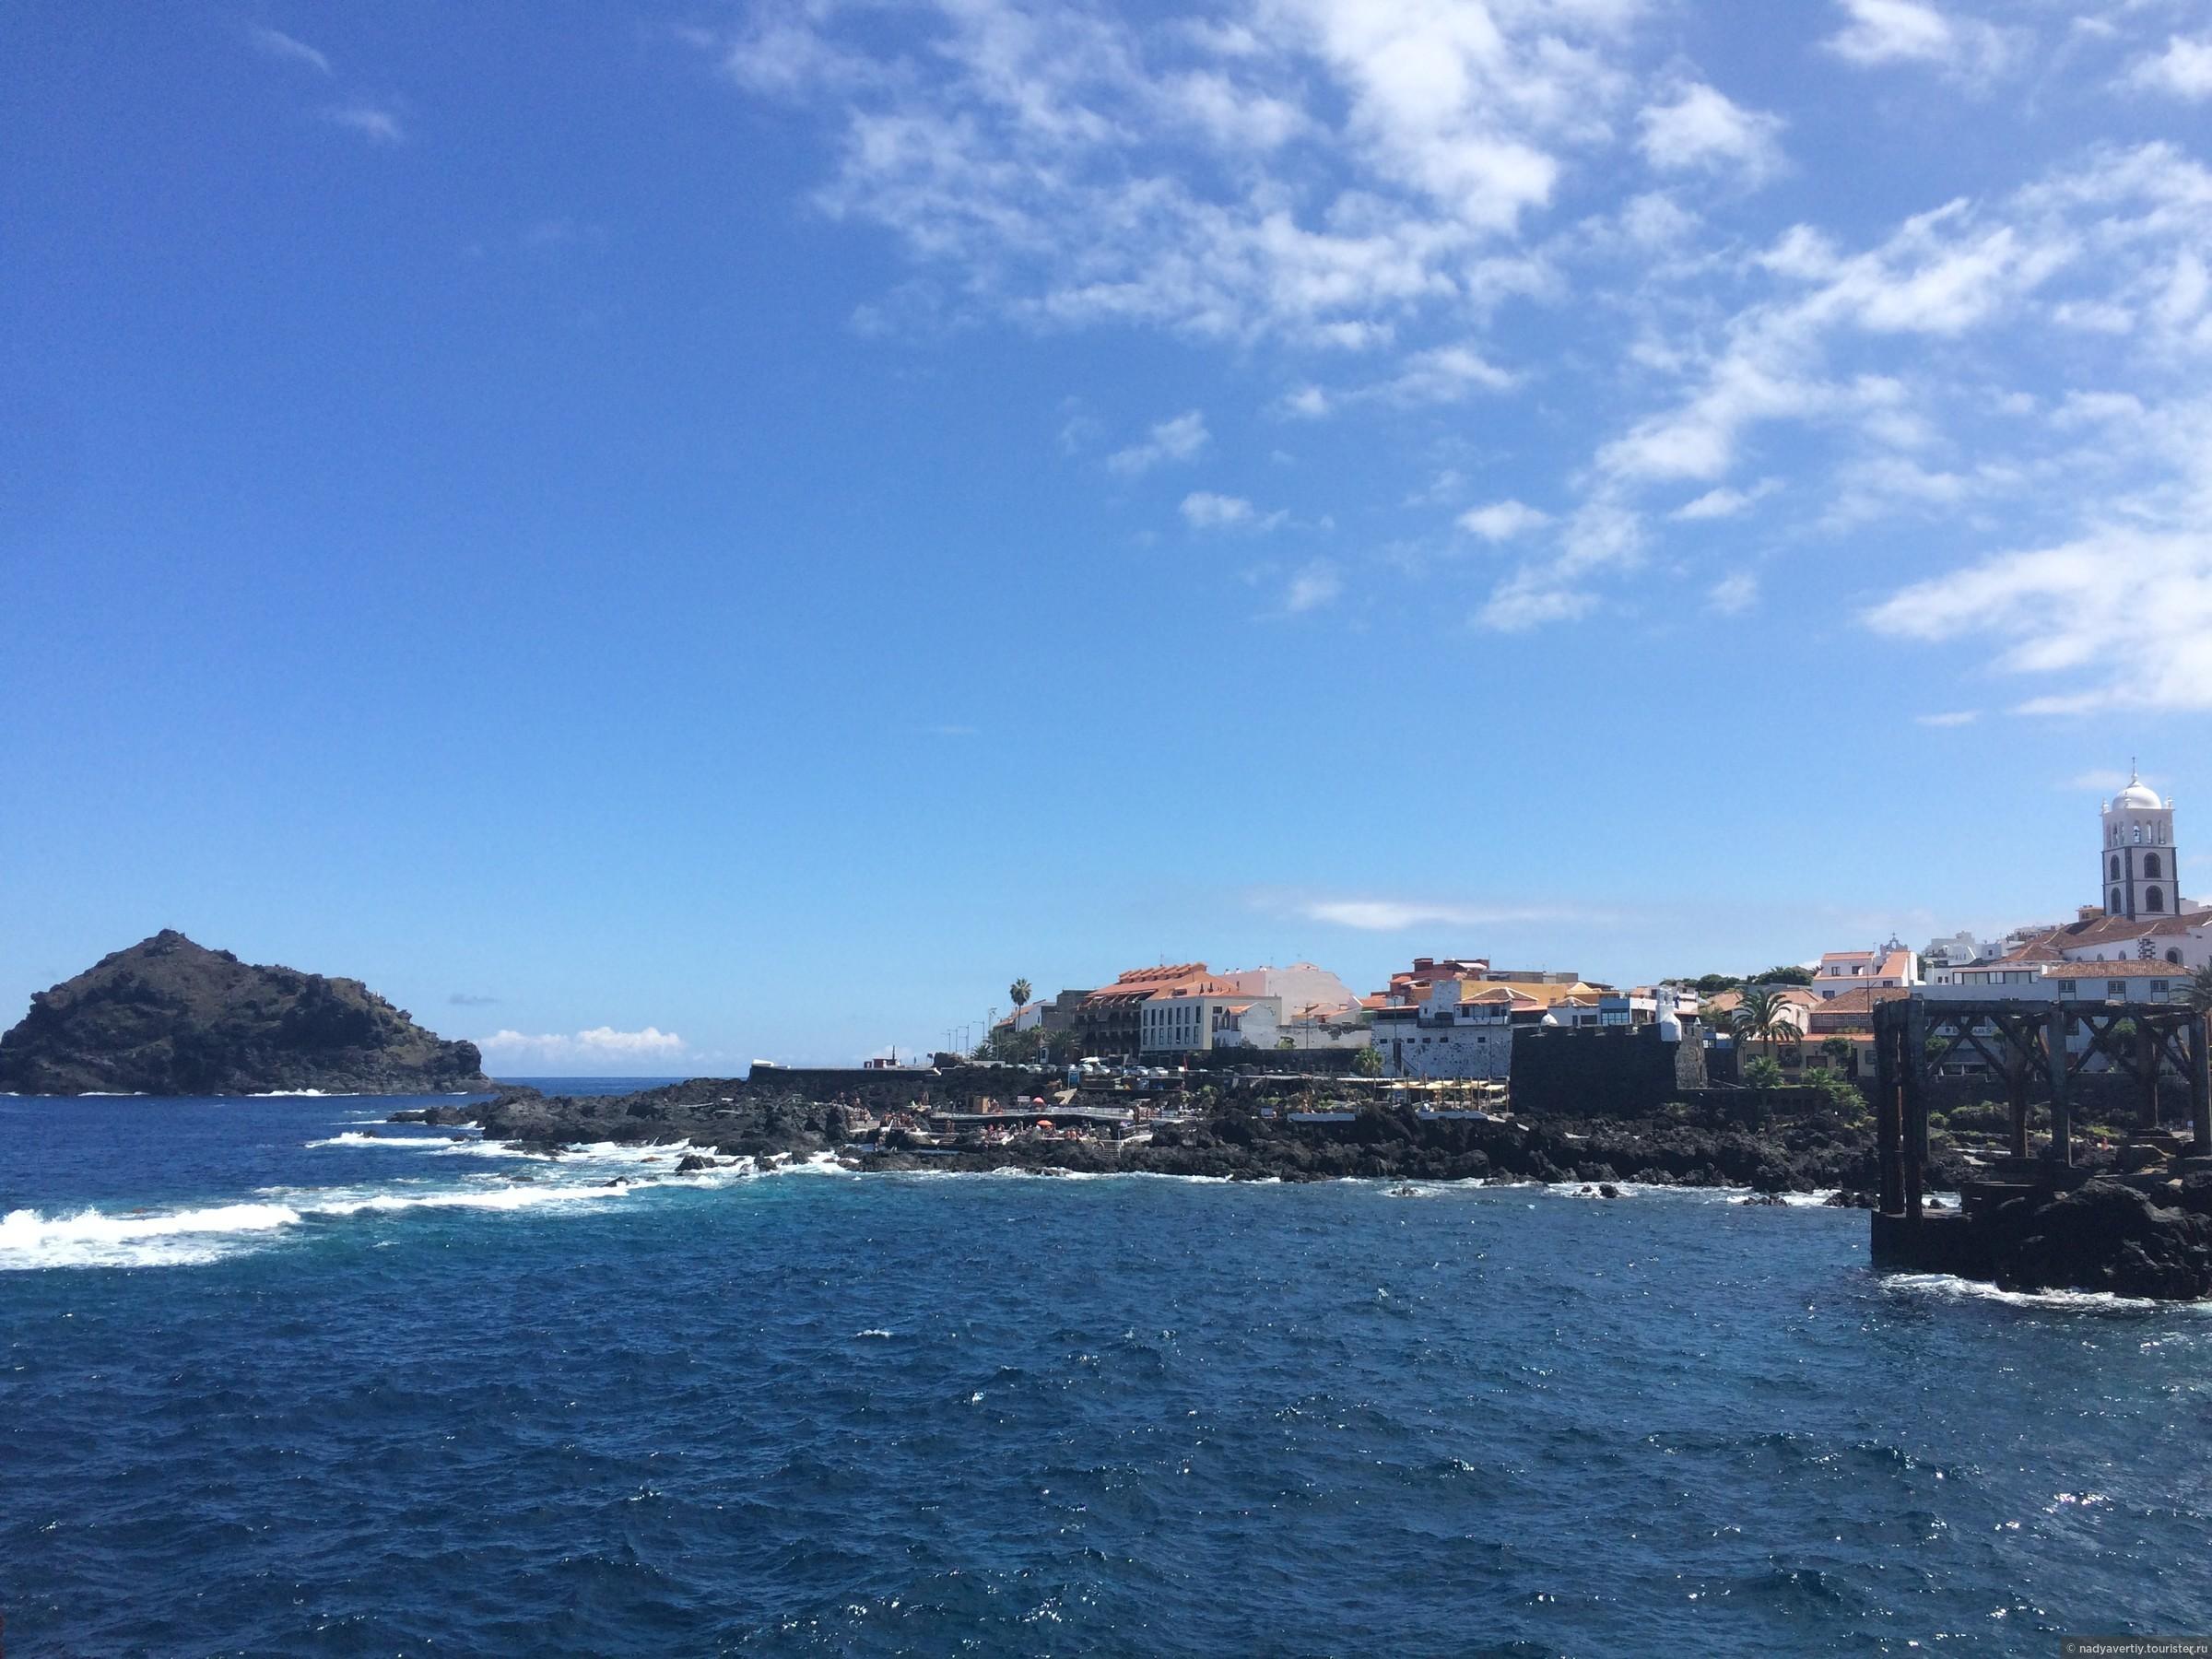 знакомство с островом тенерифе